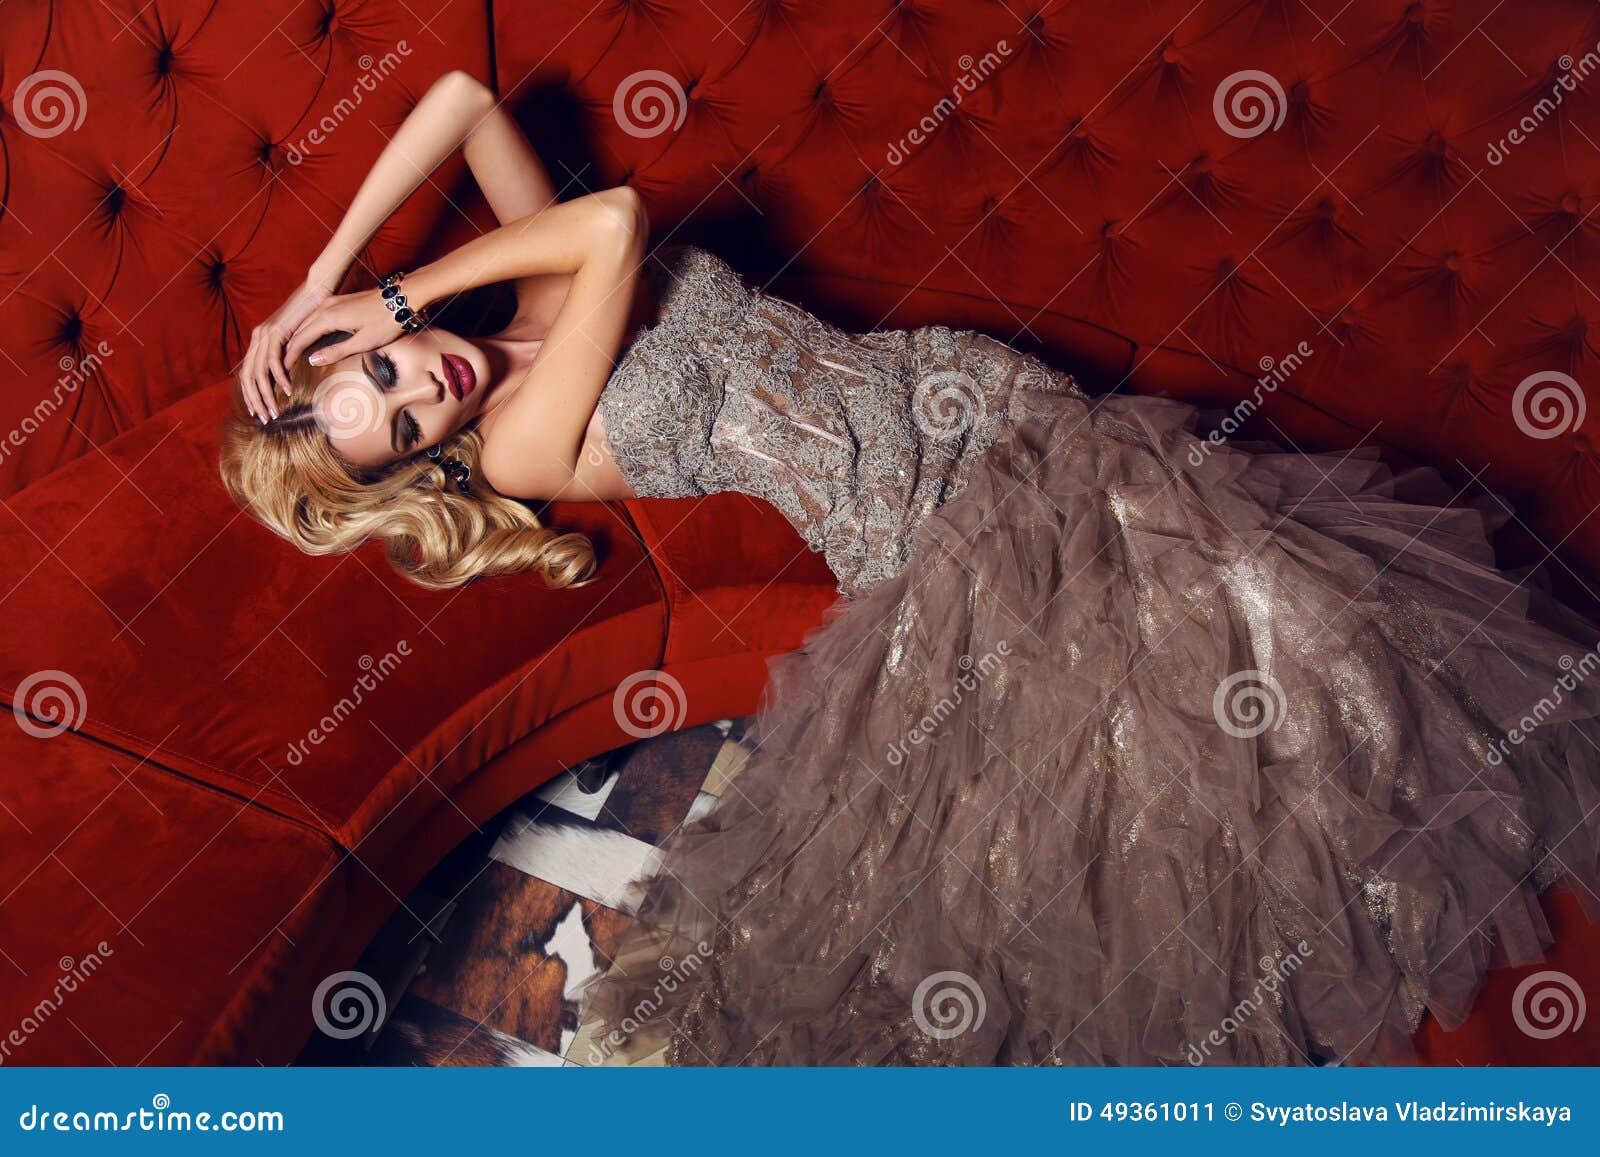 Πανέμορφη γυναίκα με τα ξανθά μαλλιά στο κομψό φόρεμα που βρίσκεται στο κόκκινο ντιβάνι